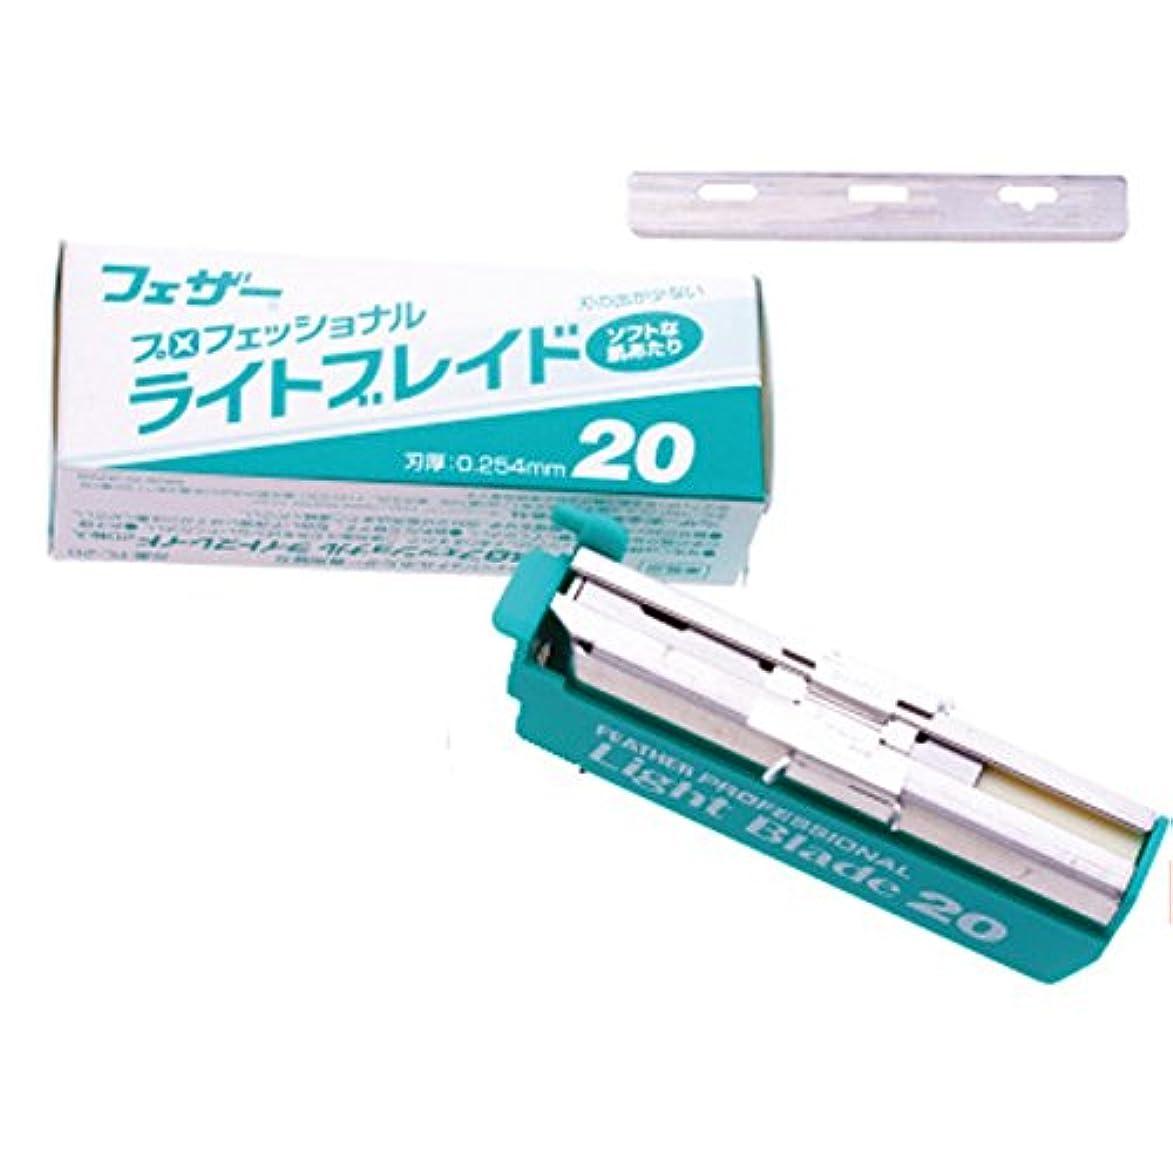 証人スローガン追加する【5個パック】フェザープロフェッショナルブレイド ライトブレイド 20枚入 (刃厚0.254mm)